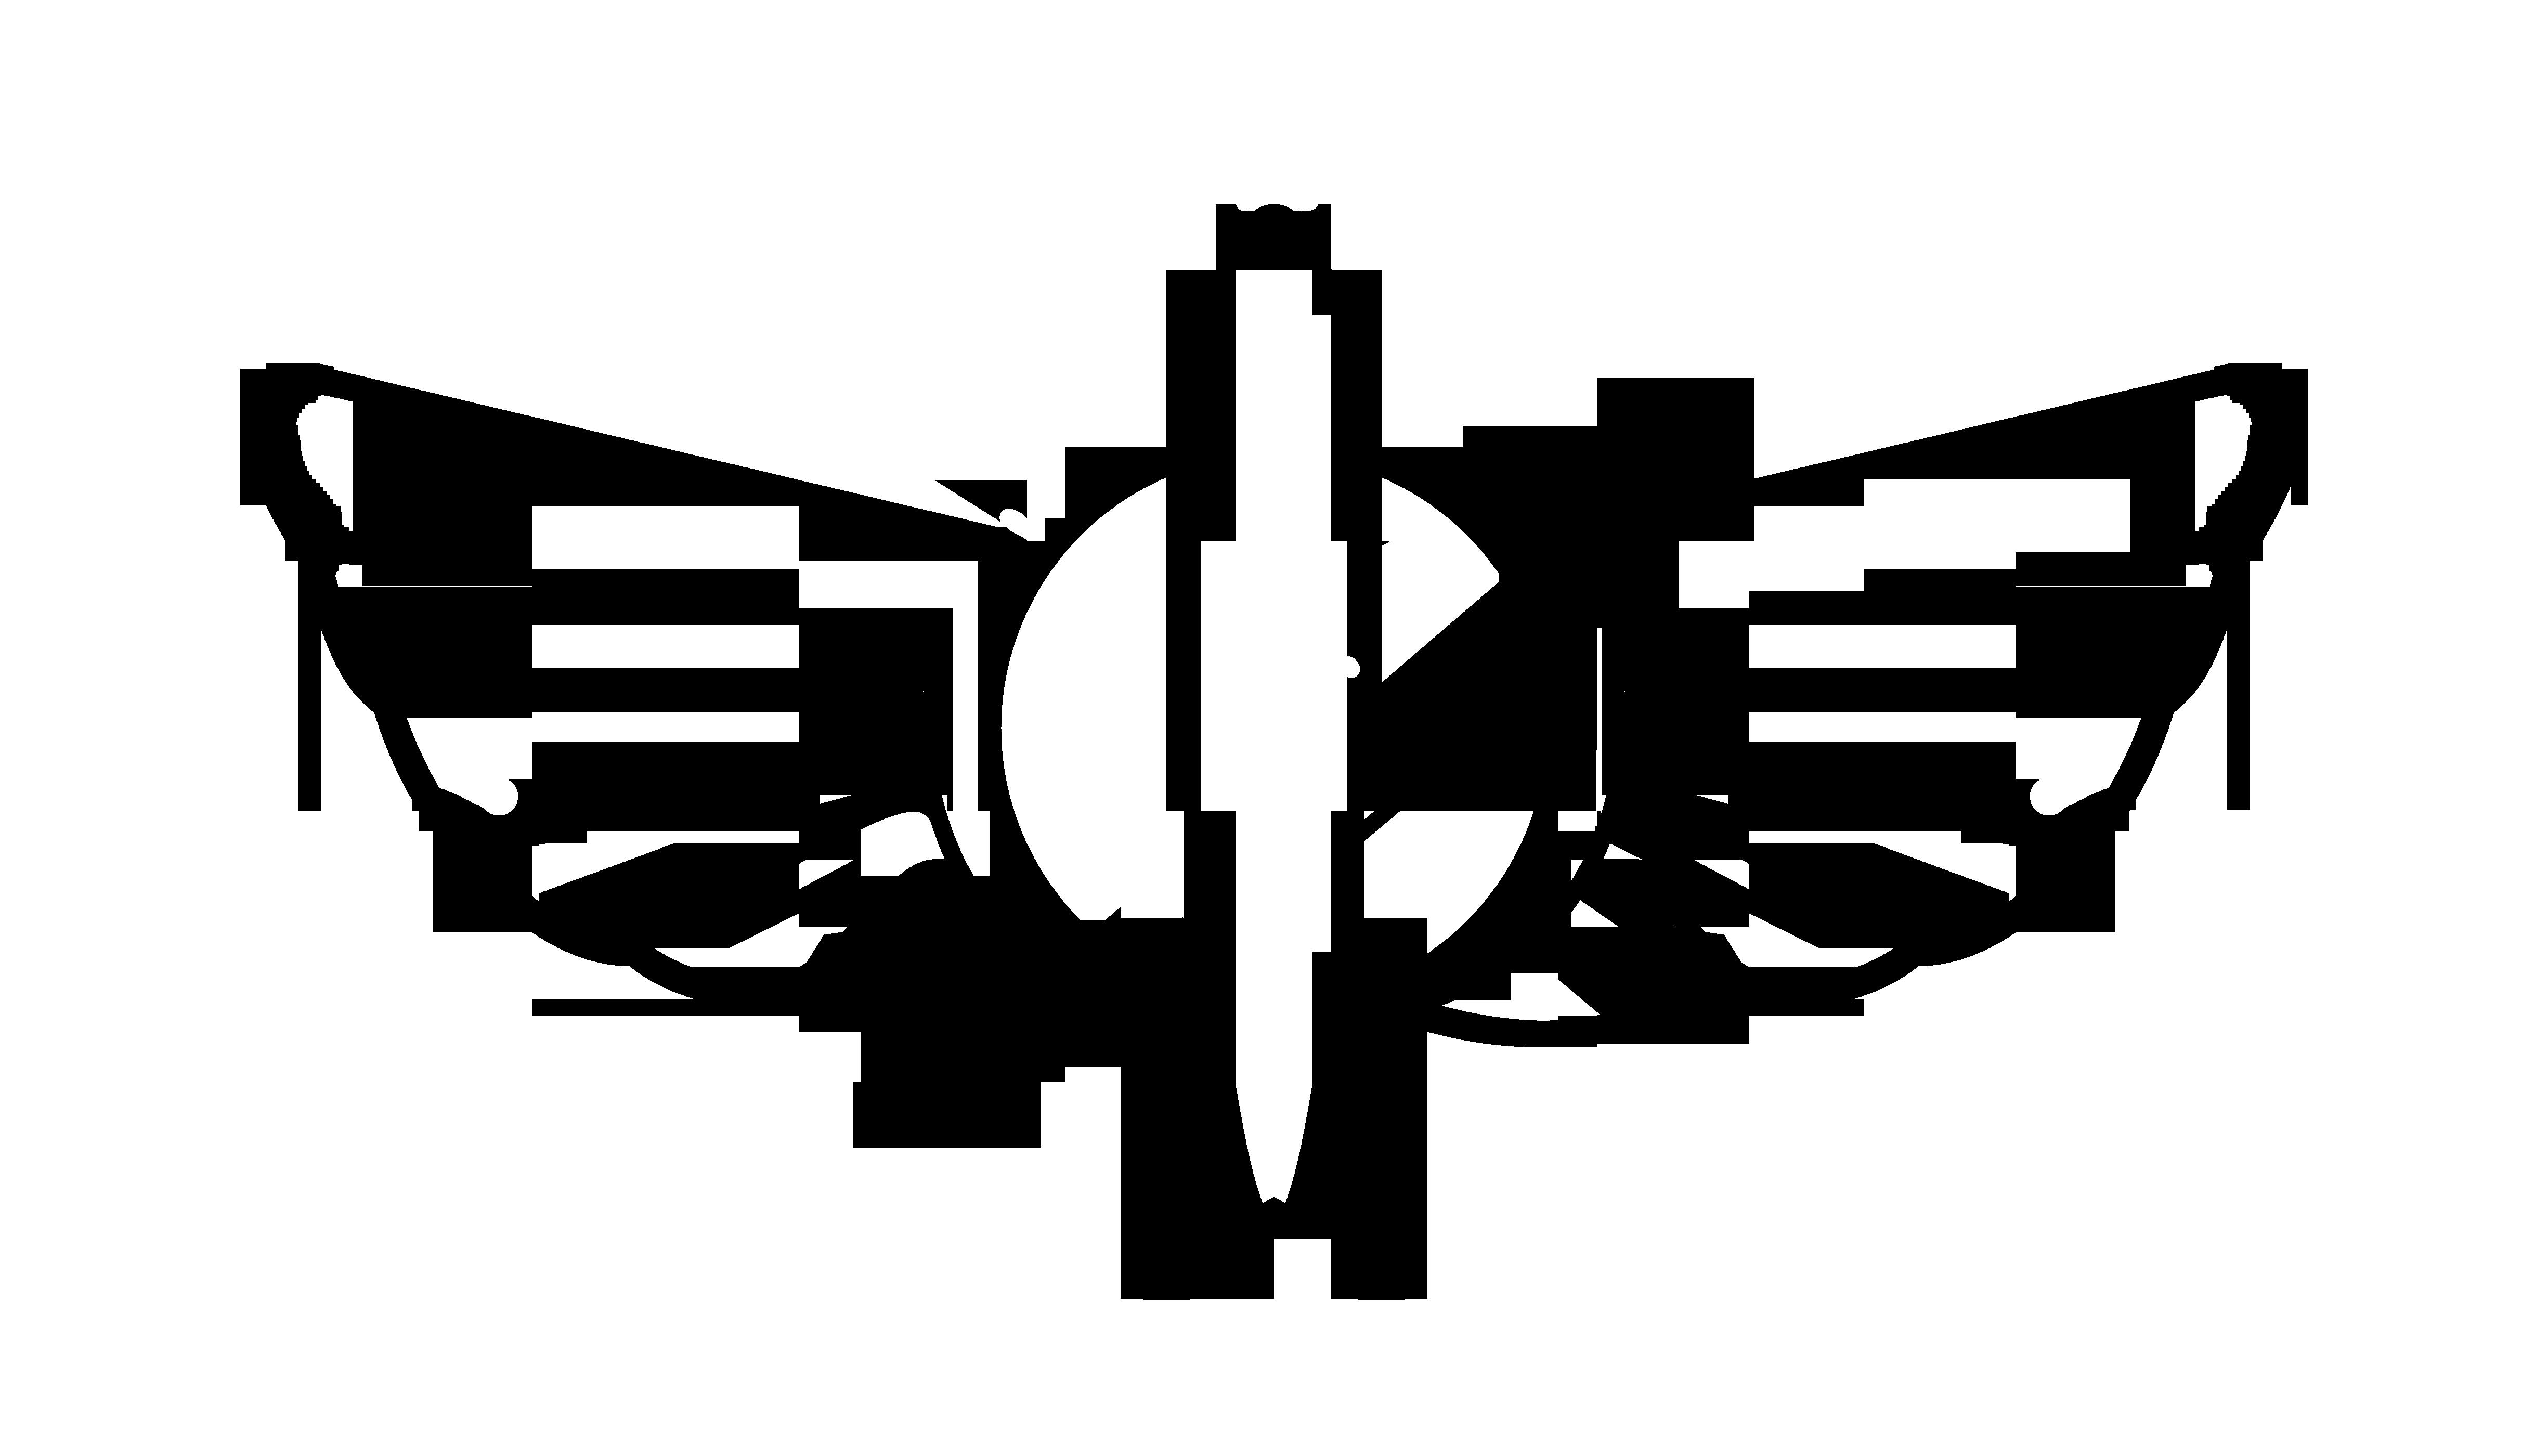 buzz lightyear symbol